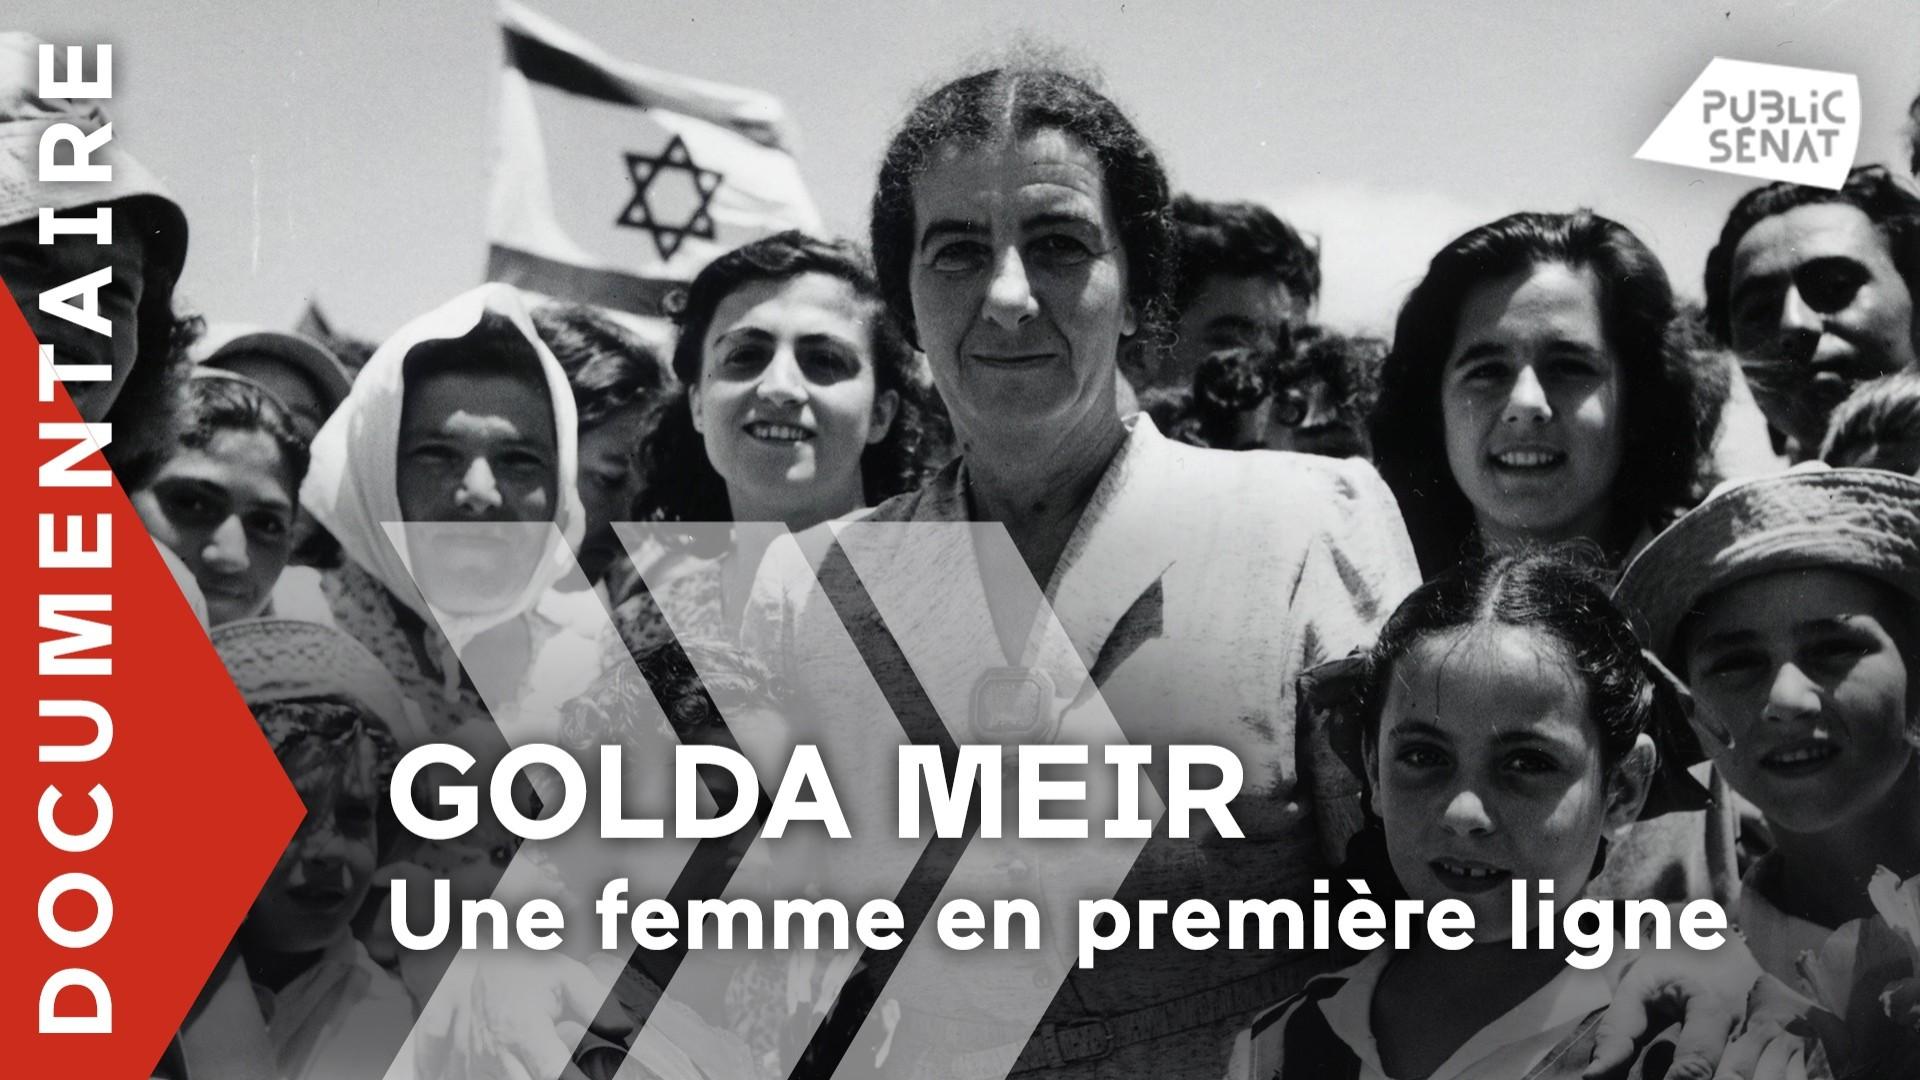 Documentaire Golda Meir, une femme en première ligne